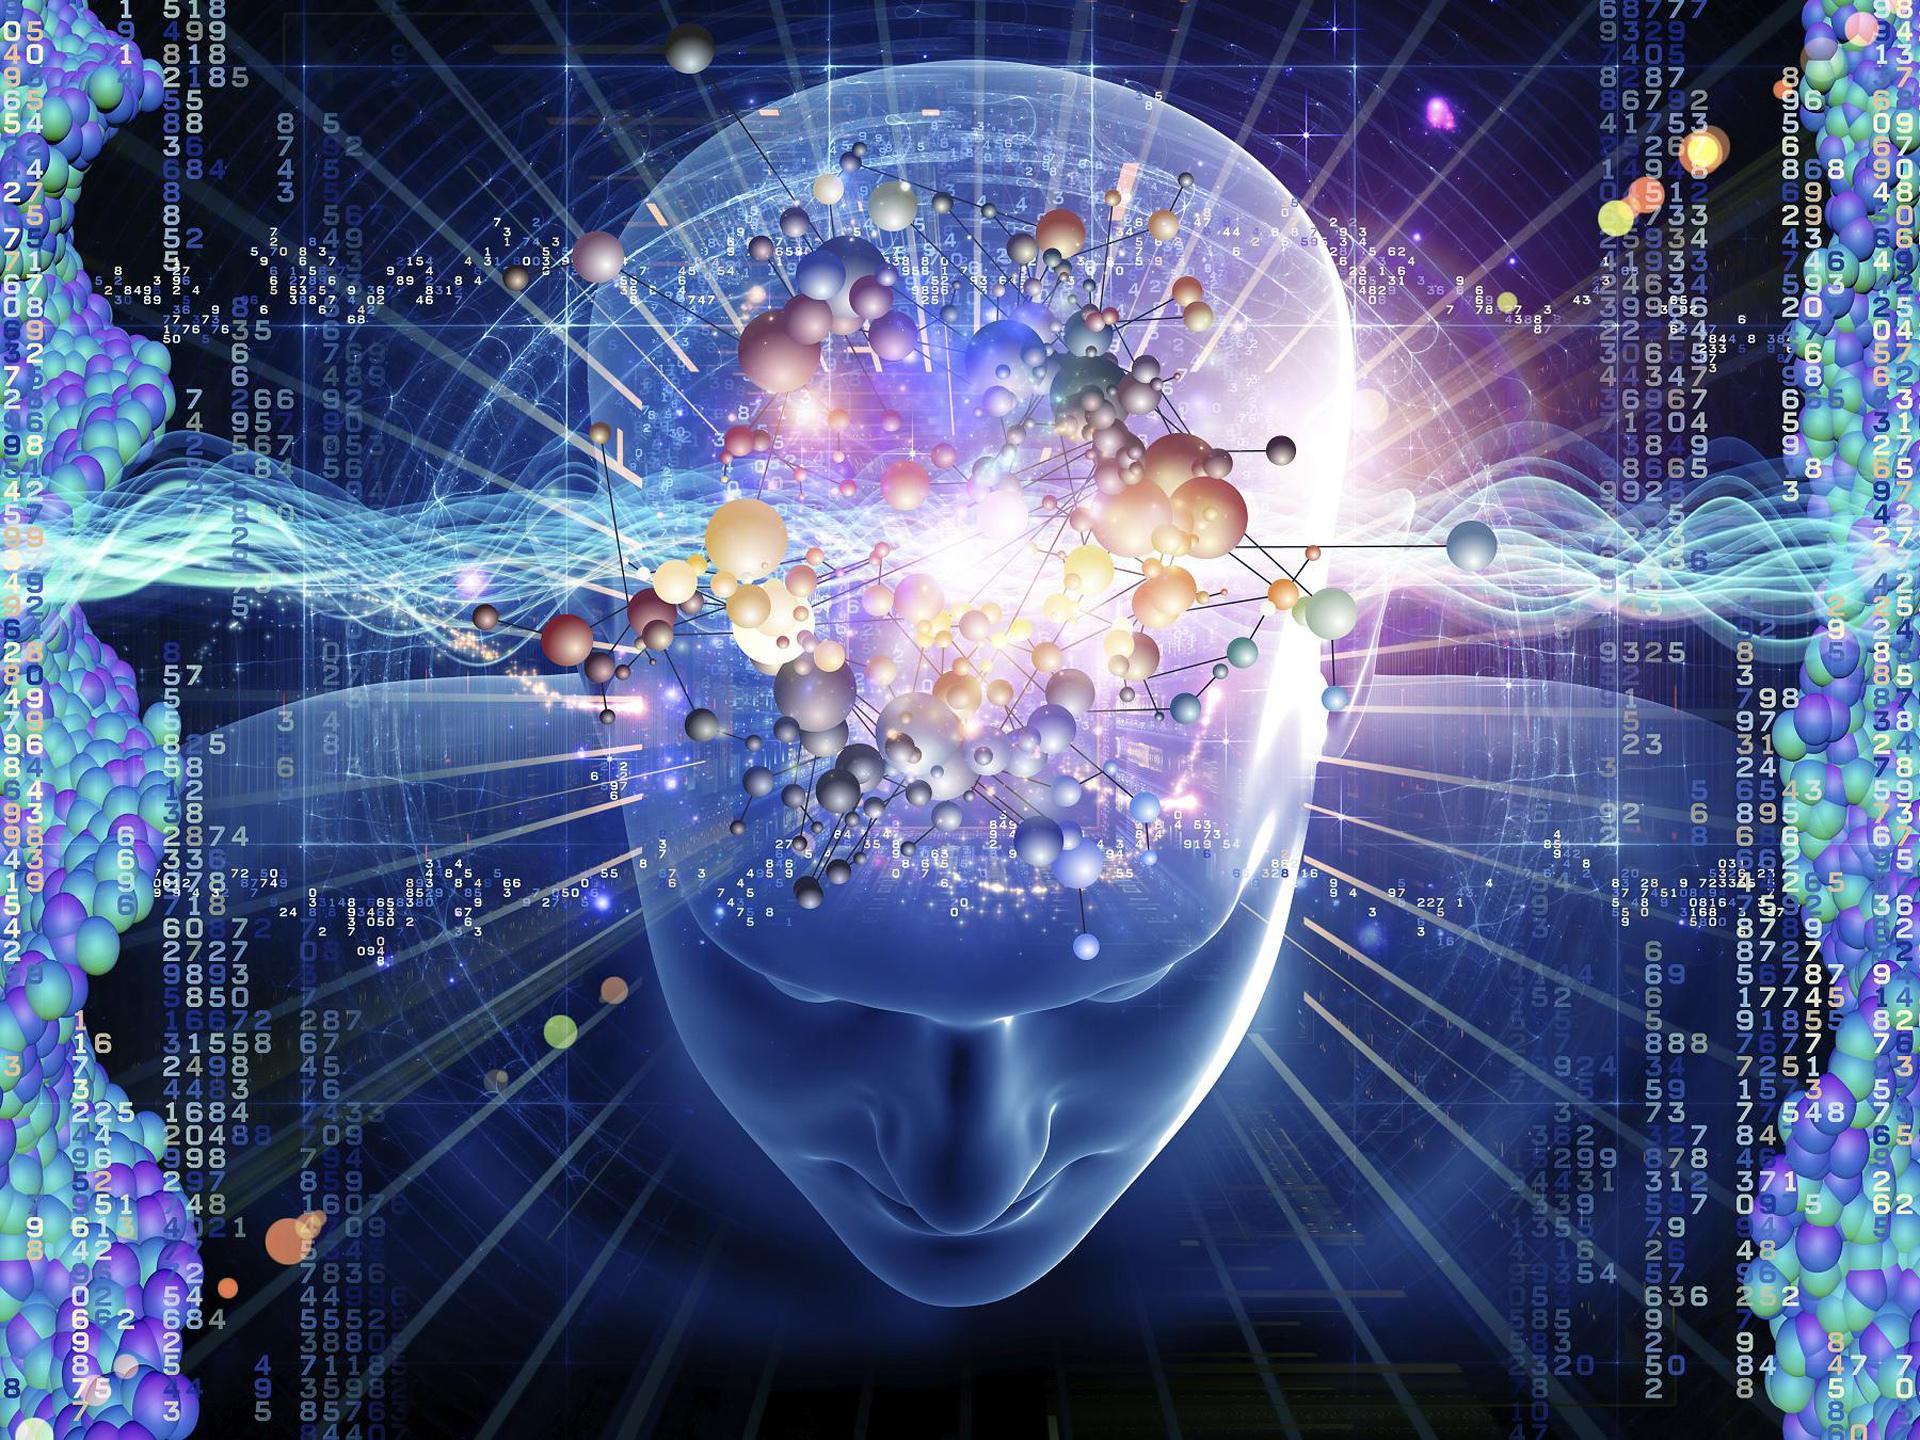 общей картинки для развития разума места дислокации суздали